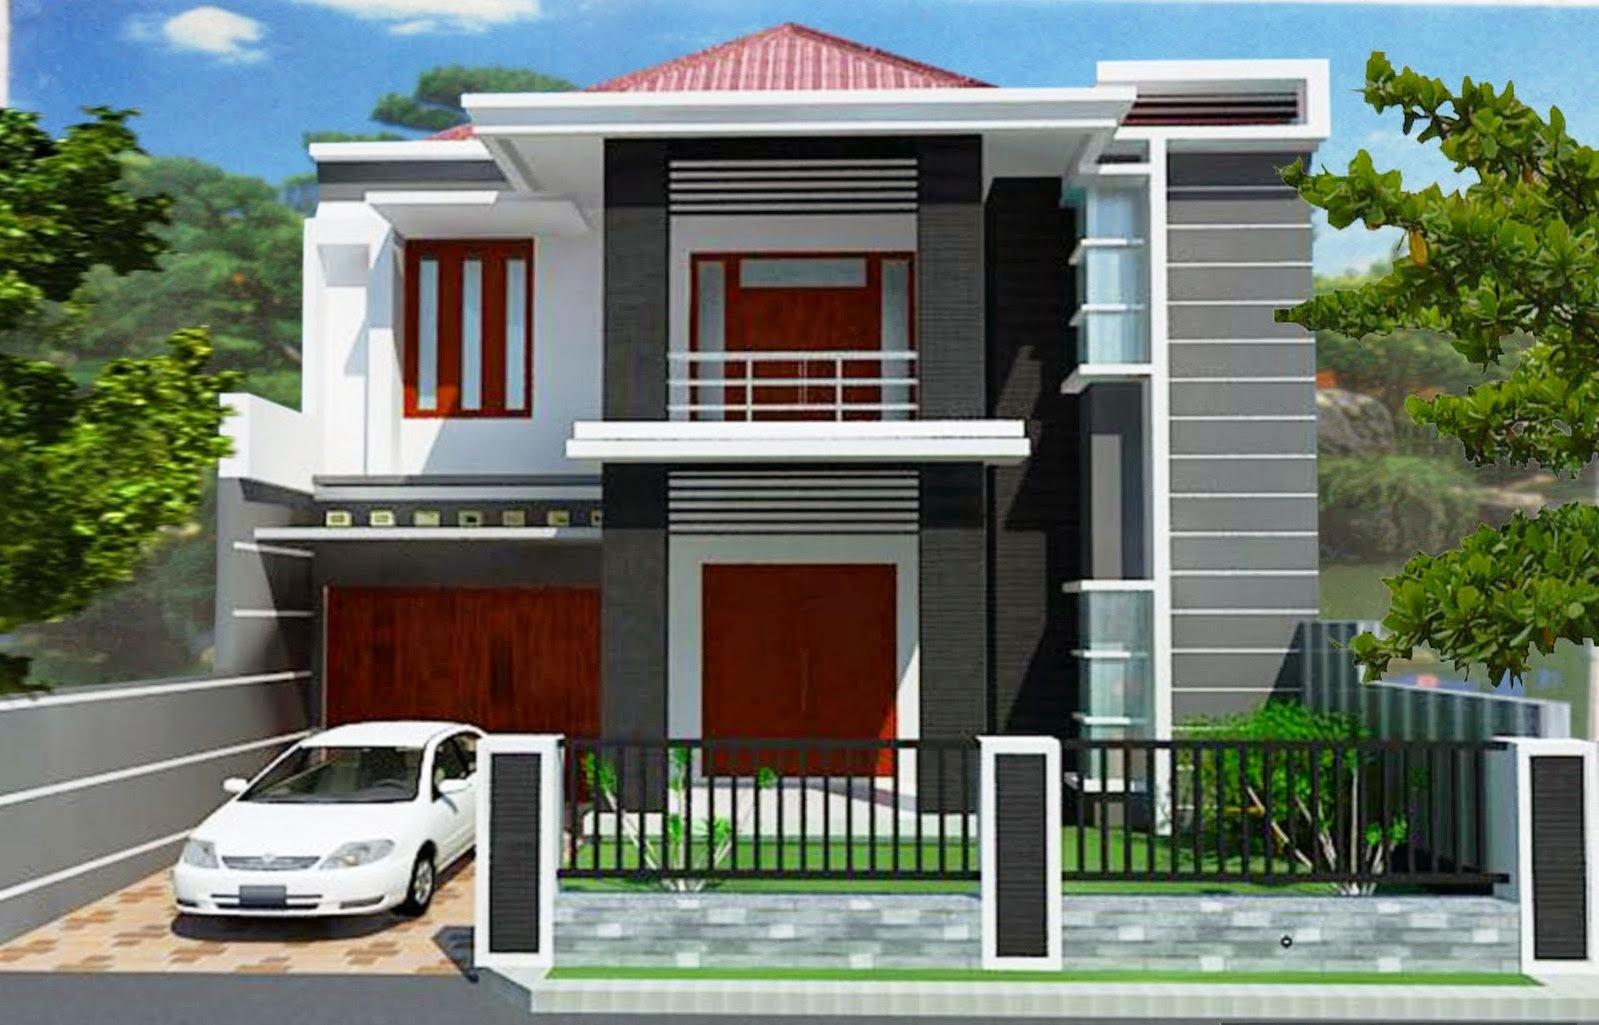 Model Gambar Denah Rumah Ukuran 9 X 12 2 Lantai | Denahose